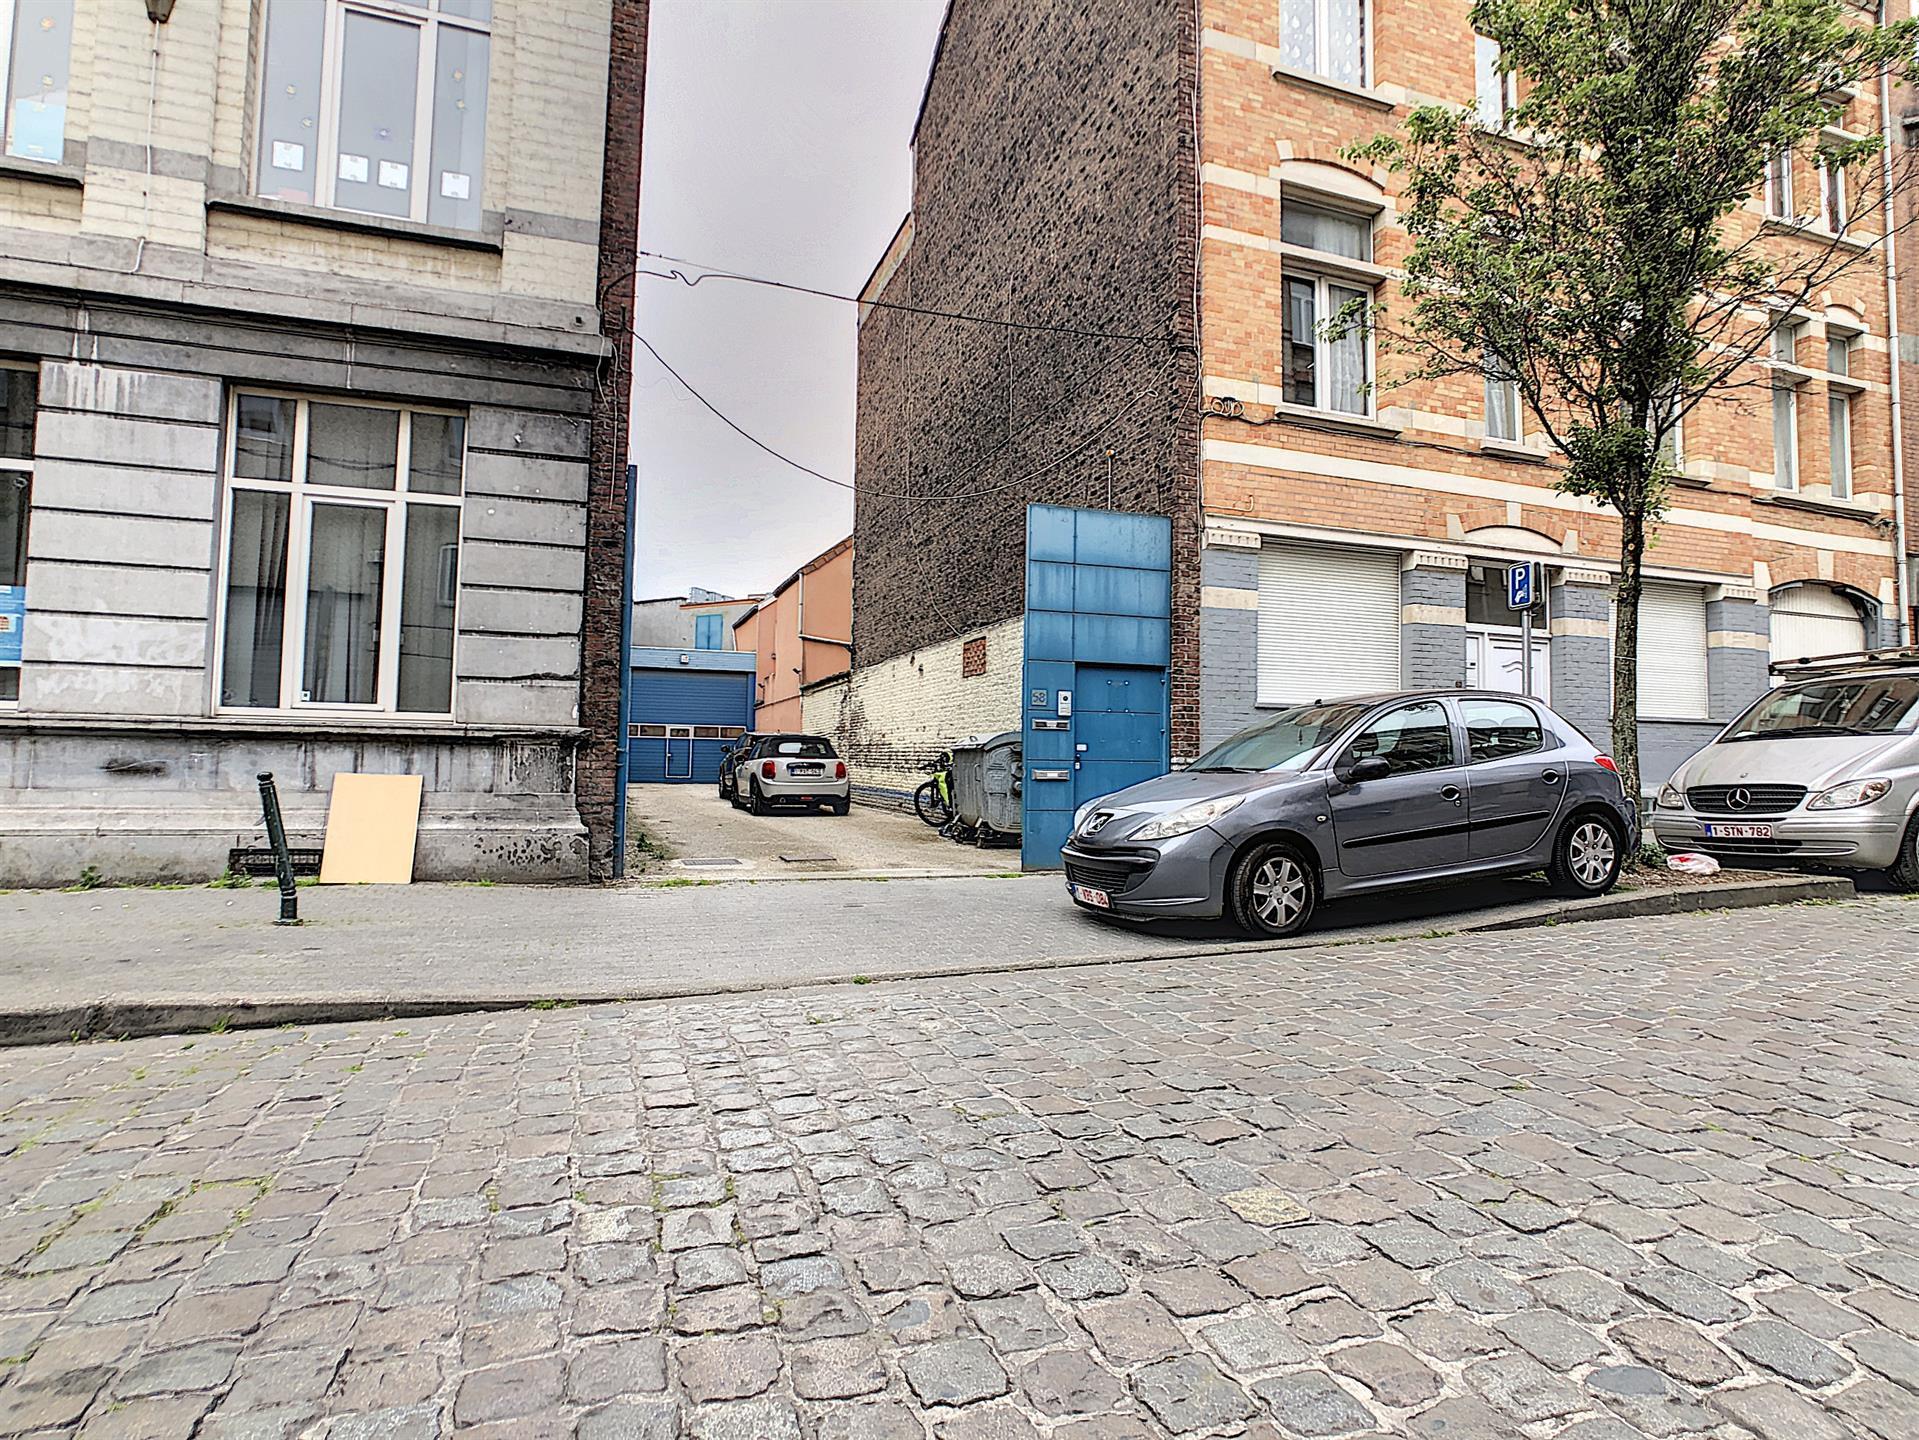 Bureaux & entrepôts - Molenbeek-Saint-Jean - #4036306-10